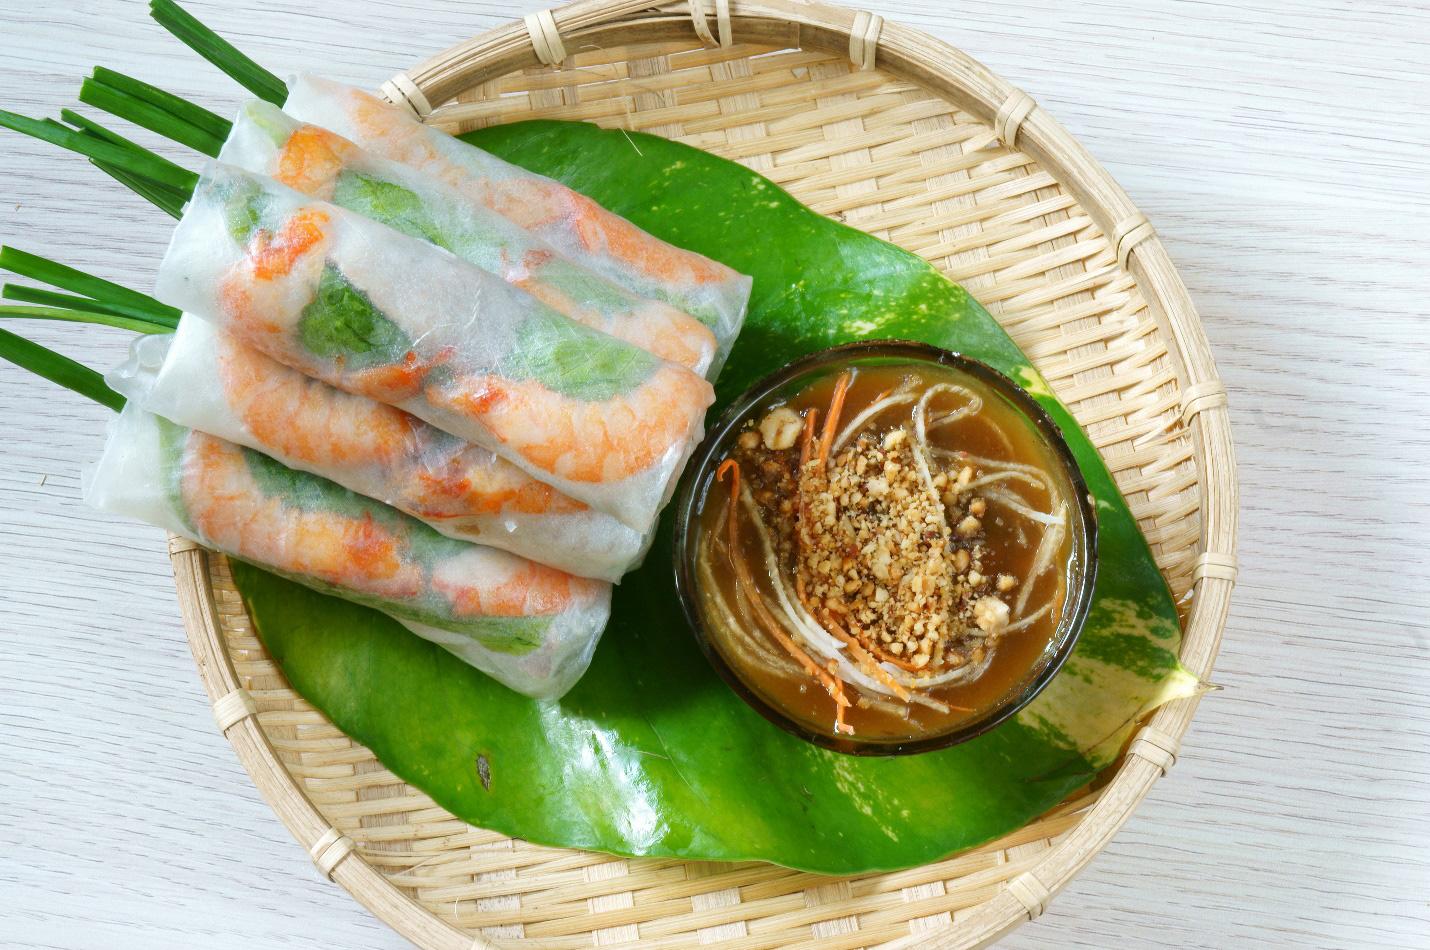 Những món ăn mang đậm dấu ấn Sài Gòn mà bạn nhất định phải thử - Ảnh 4.